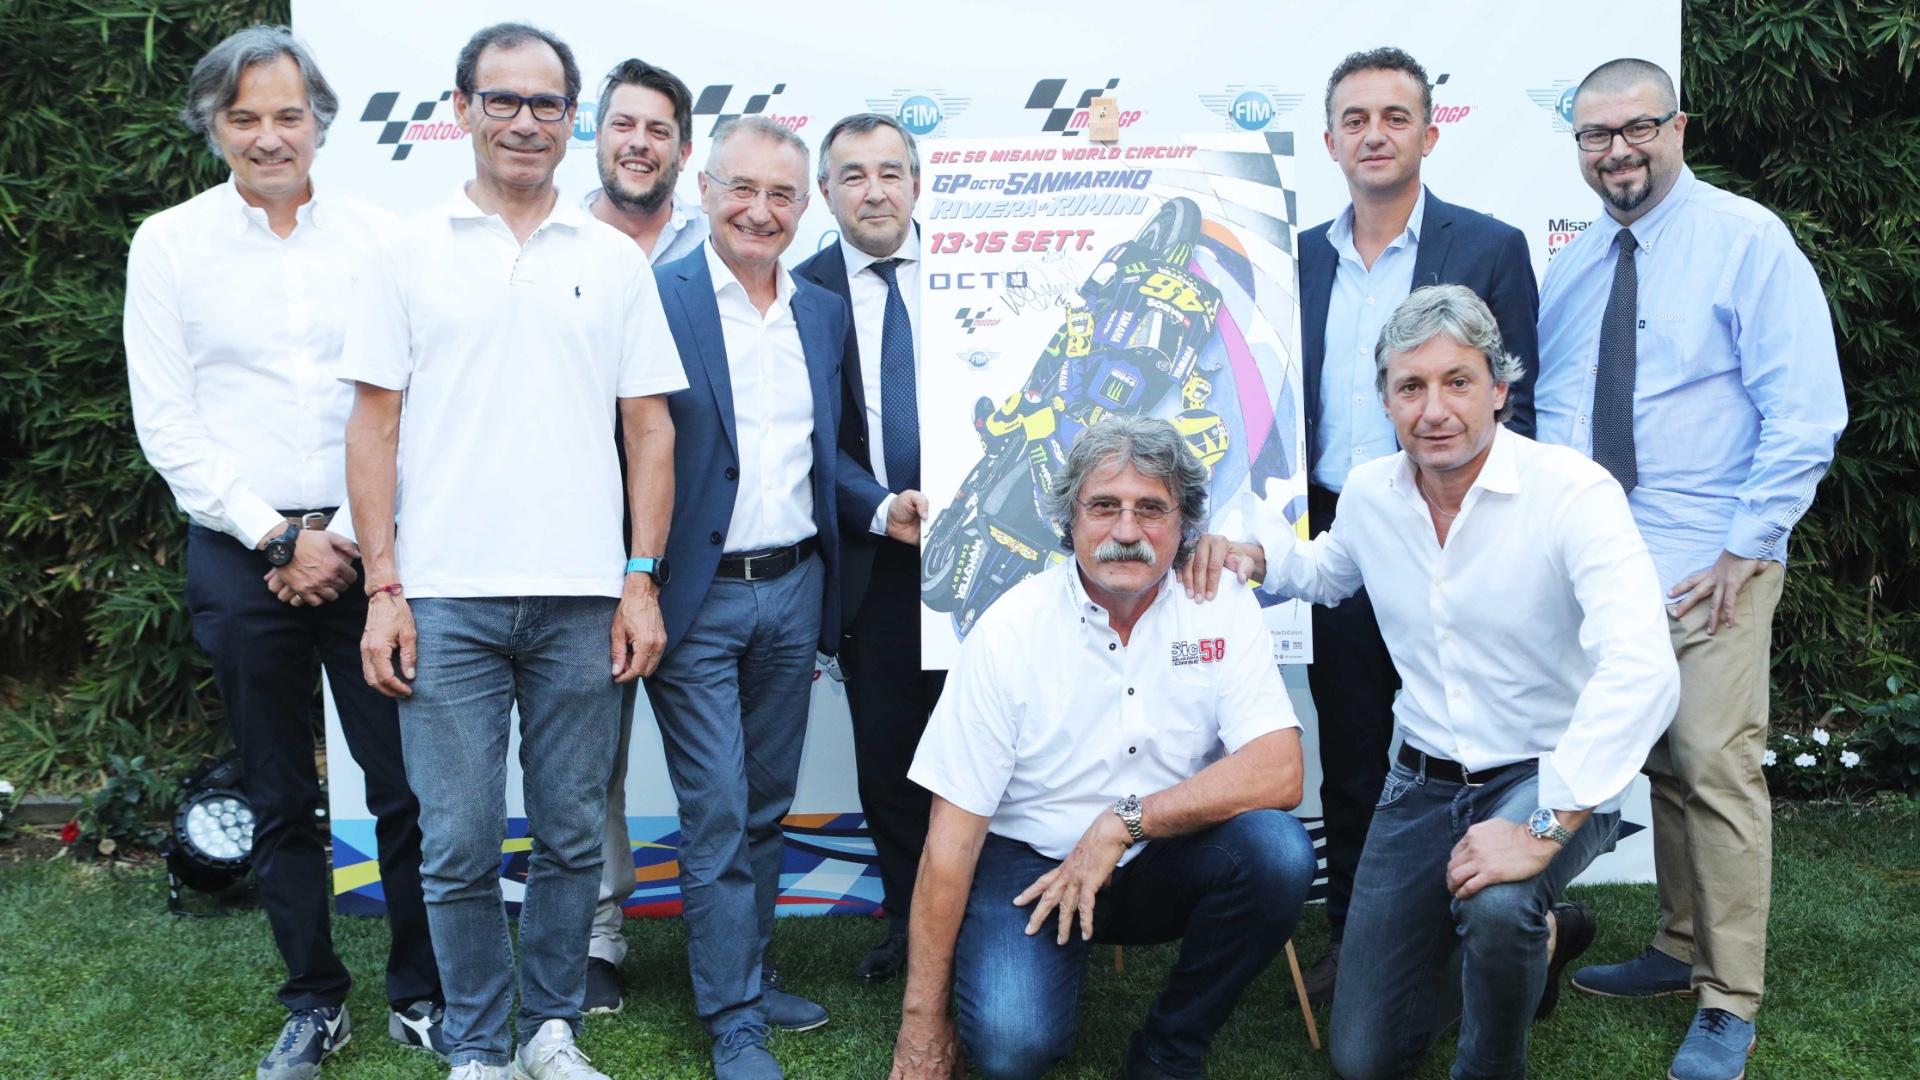 Presentato #RideOnColors, il progetto di The Riders' Land per il Gran Premio Octo di San Marino e della Riviera di Rimini.